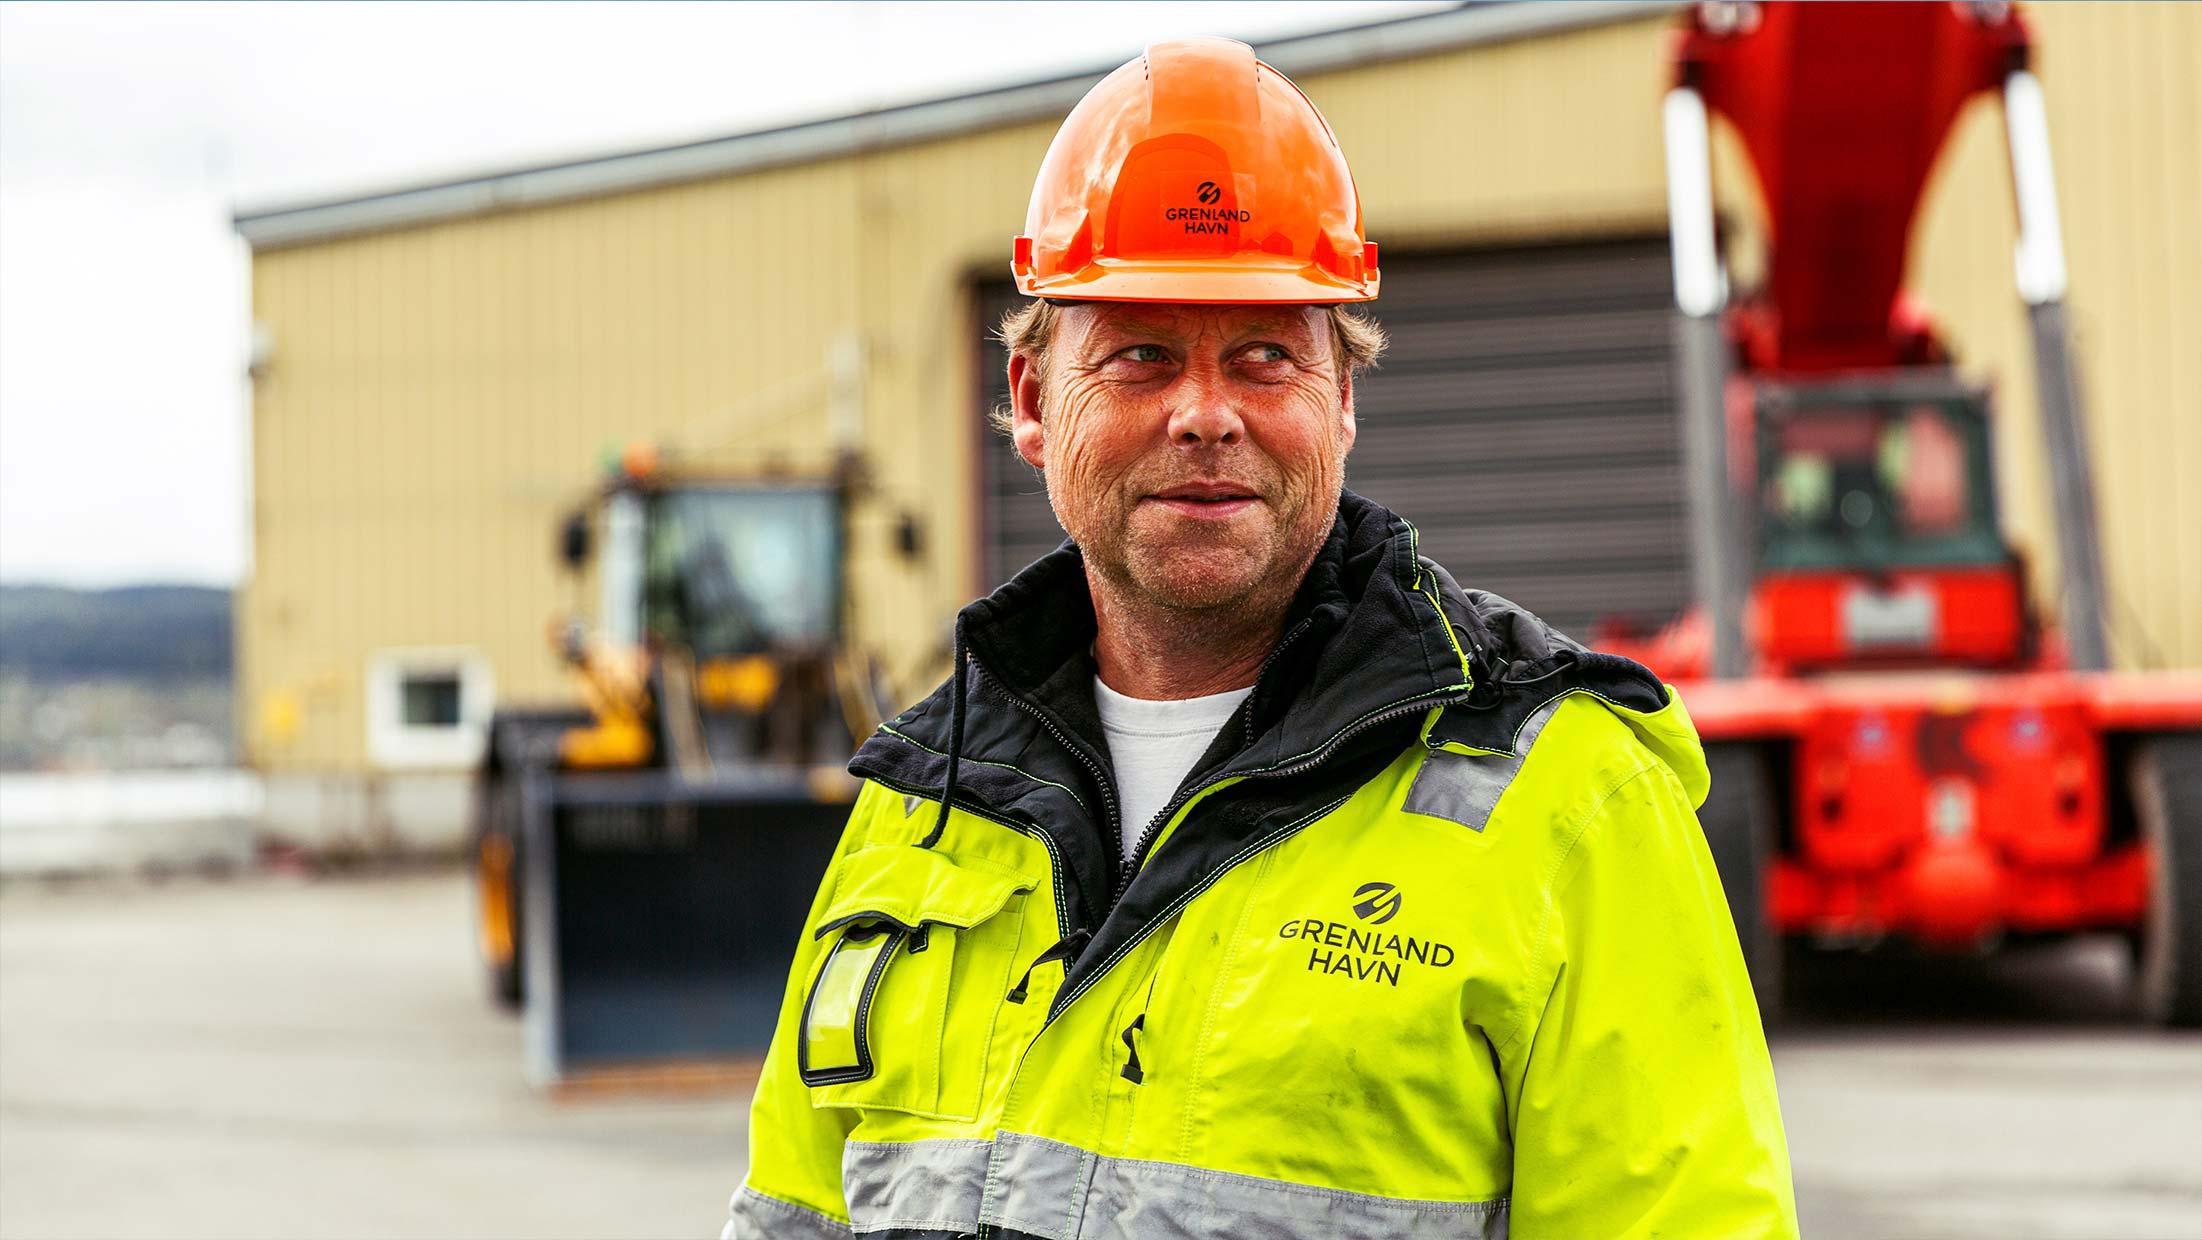 Grenland Havn Styring og organisering